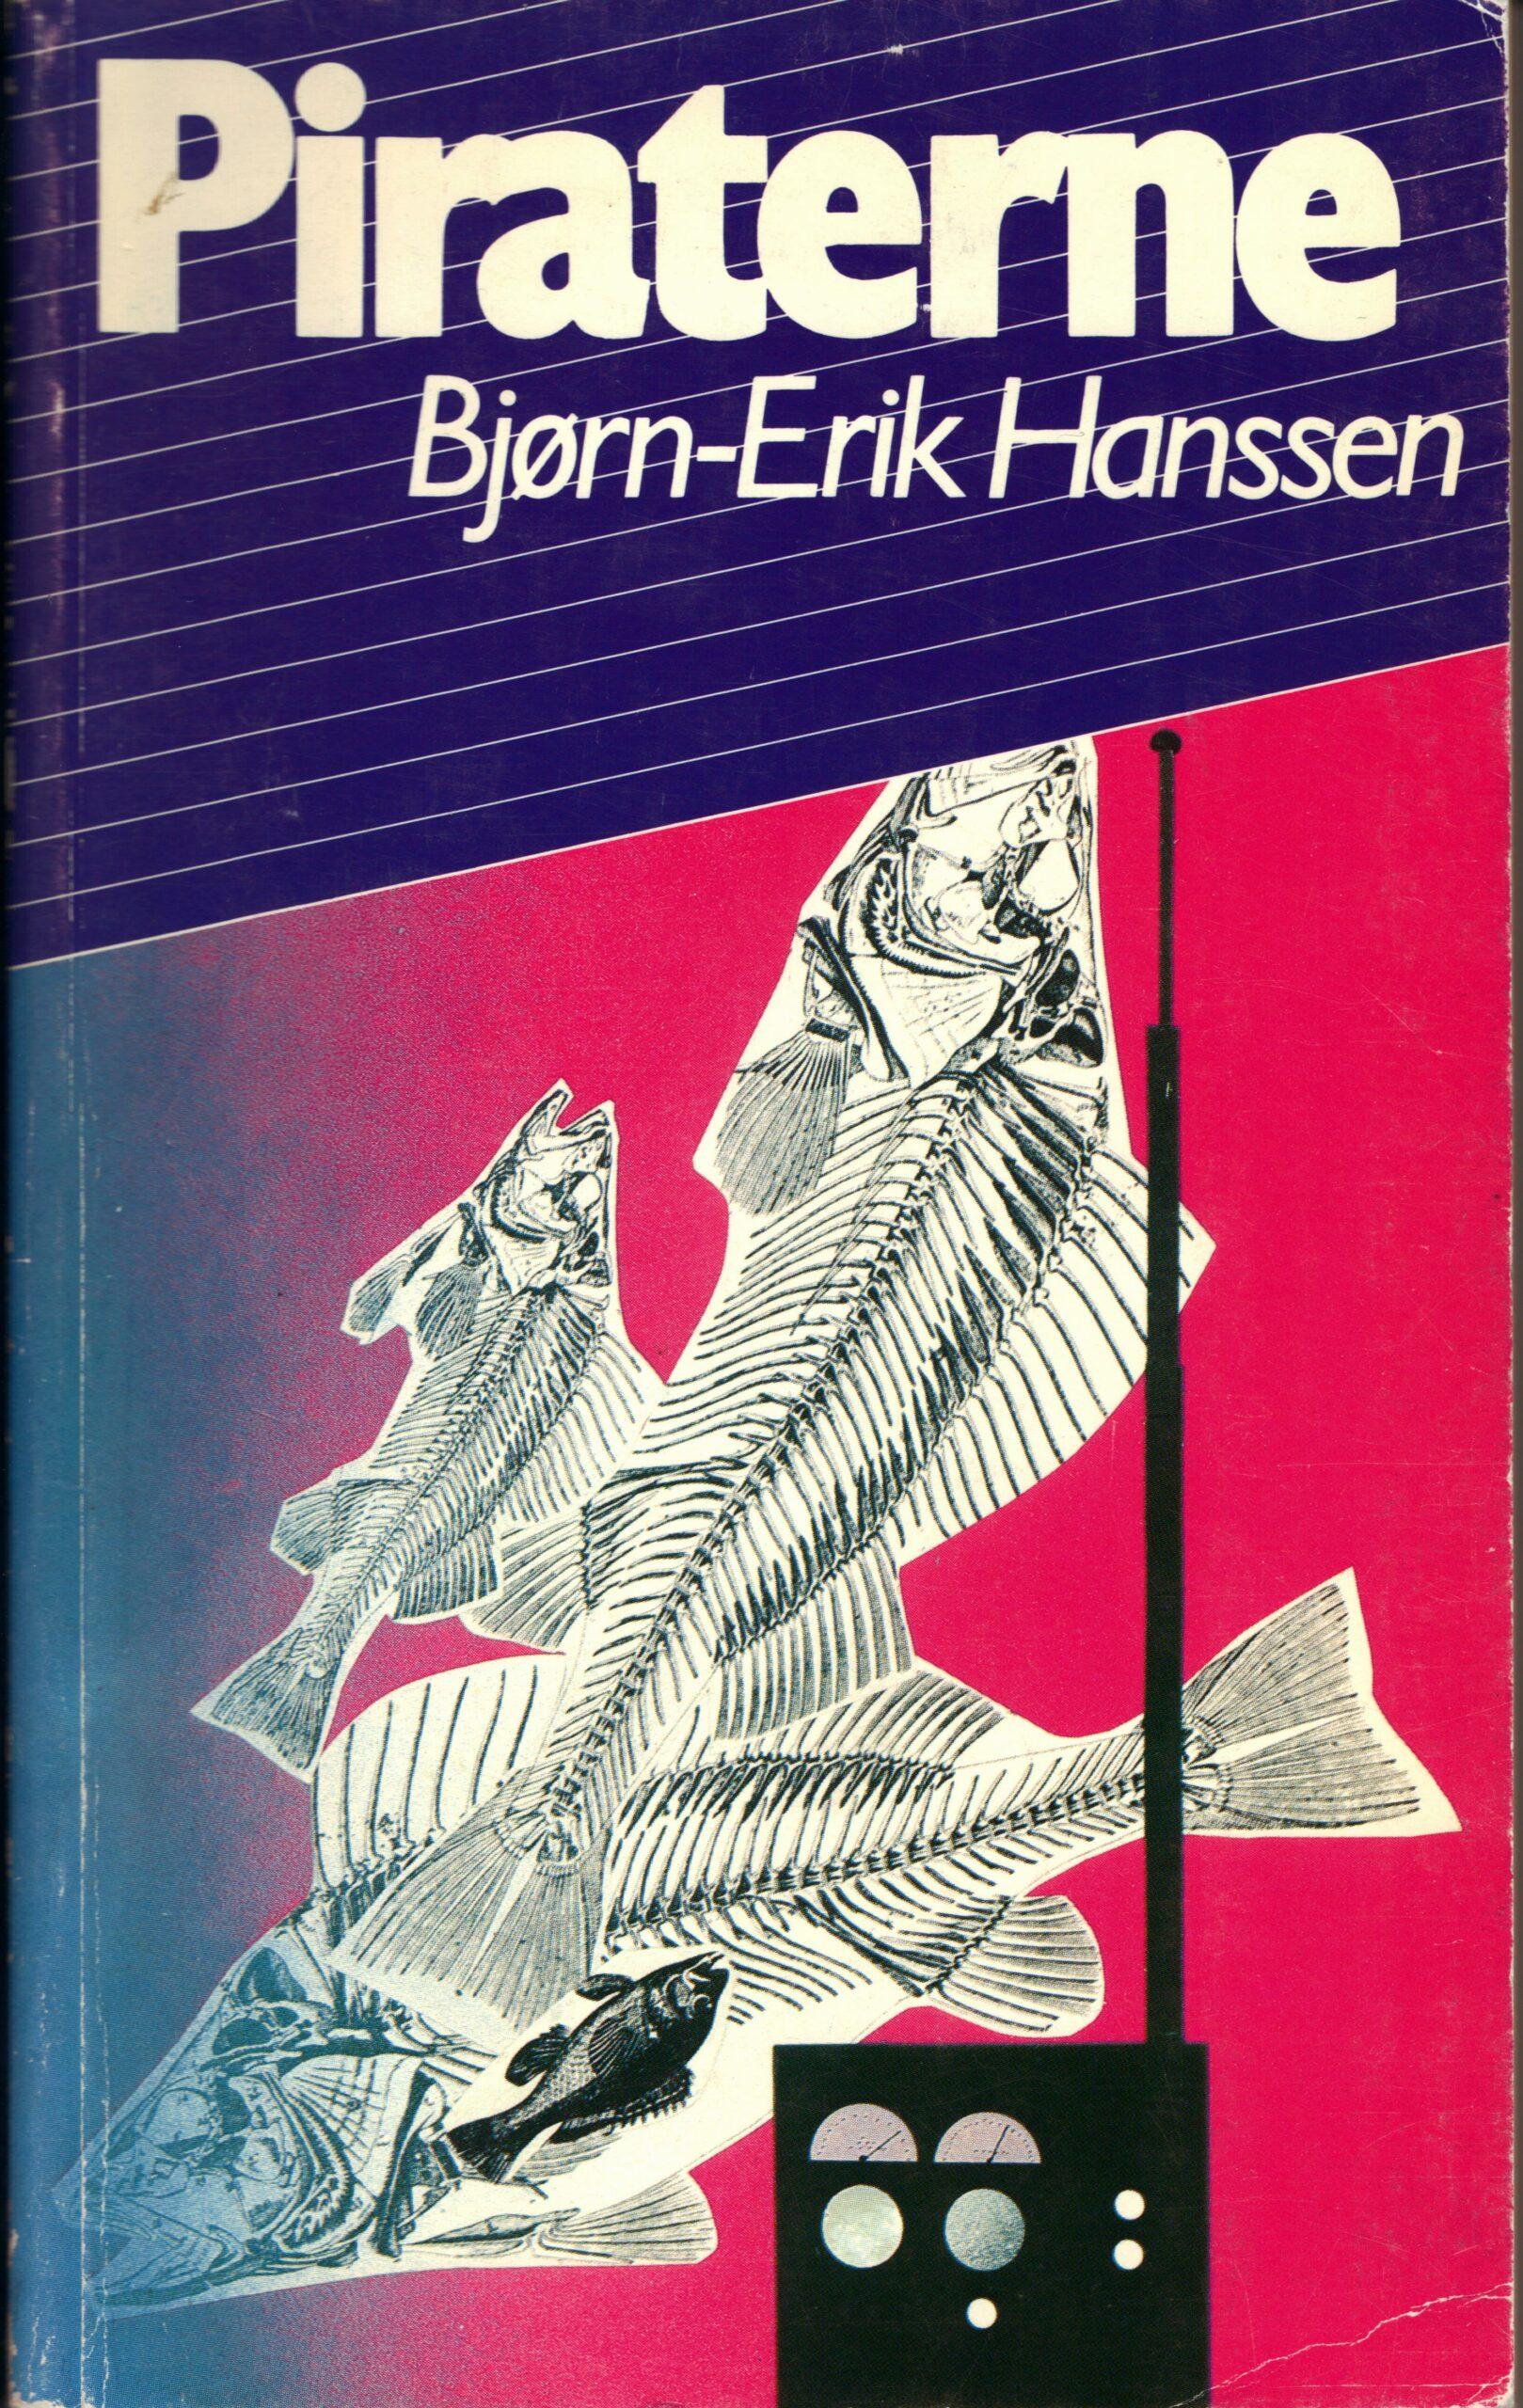 Piratene dansk forside